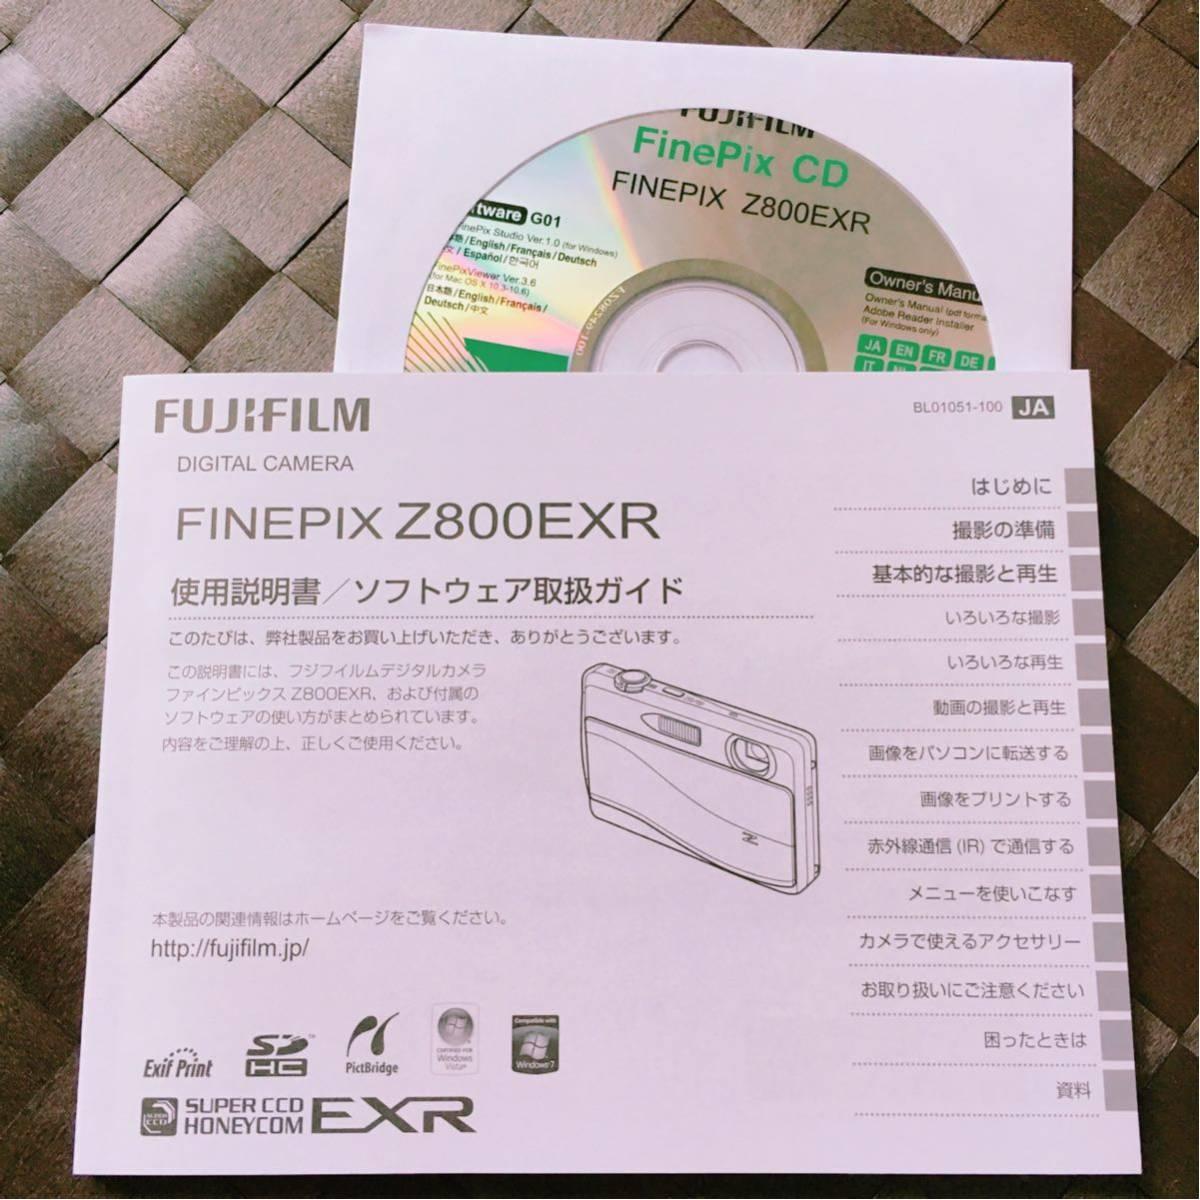 【取扱説明書/CD-ROM】FUJIFILM FinePix Z800EXR 用 ★ 富士フィルム ファインピクス